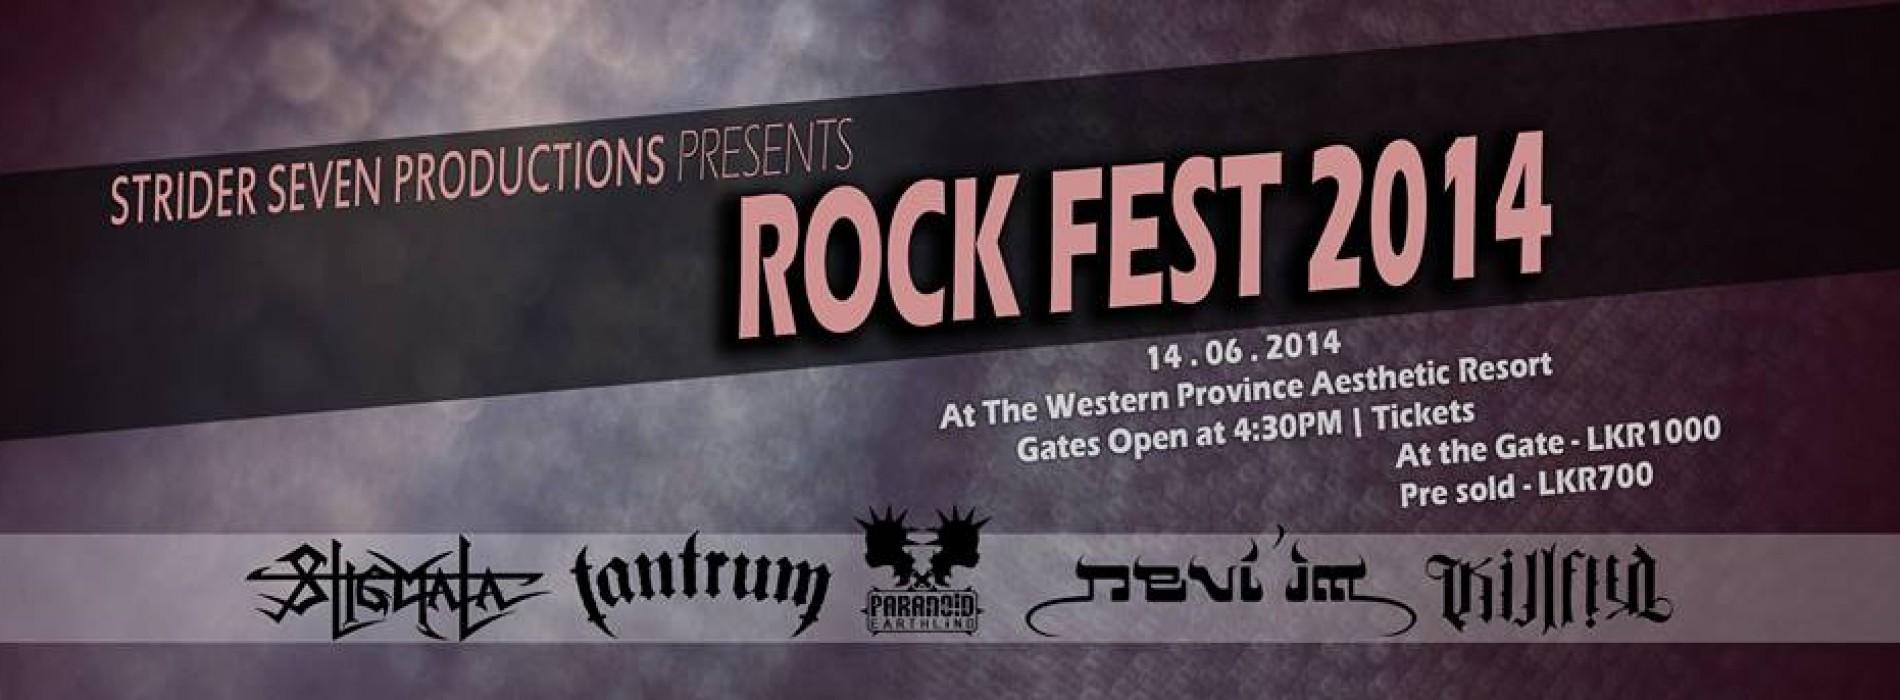 Rock Fest 2014